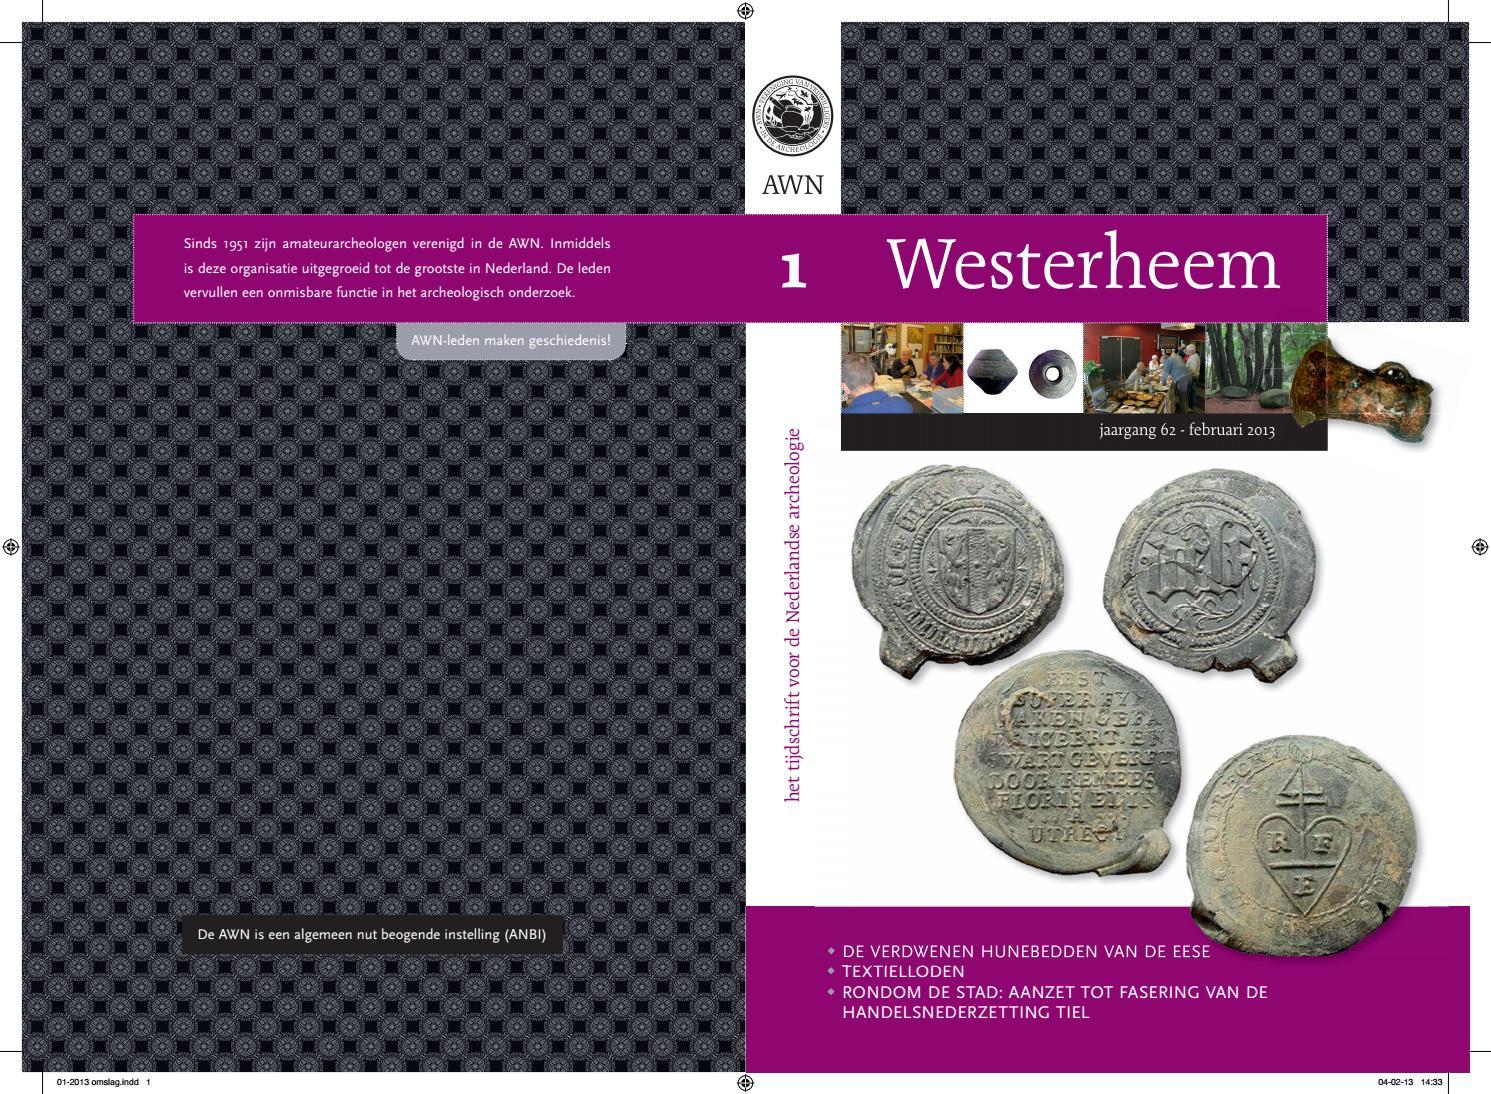 0a05dc3200b 2013 by AWN Magazine/Westerheem - issuu